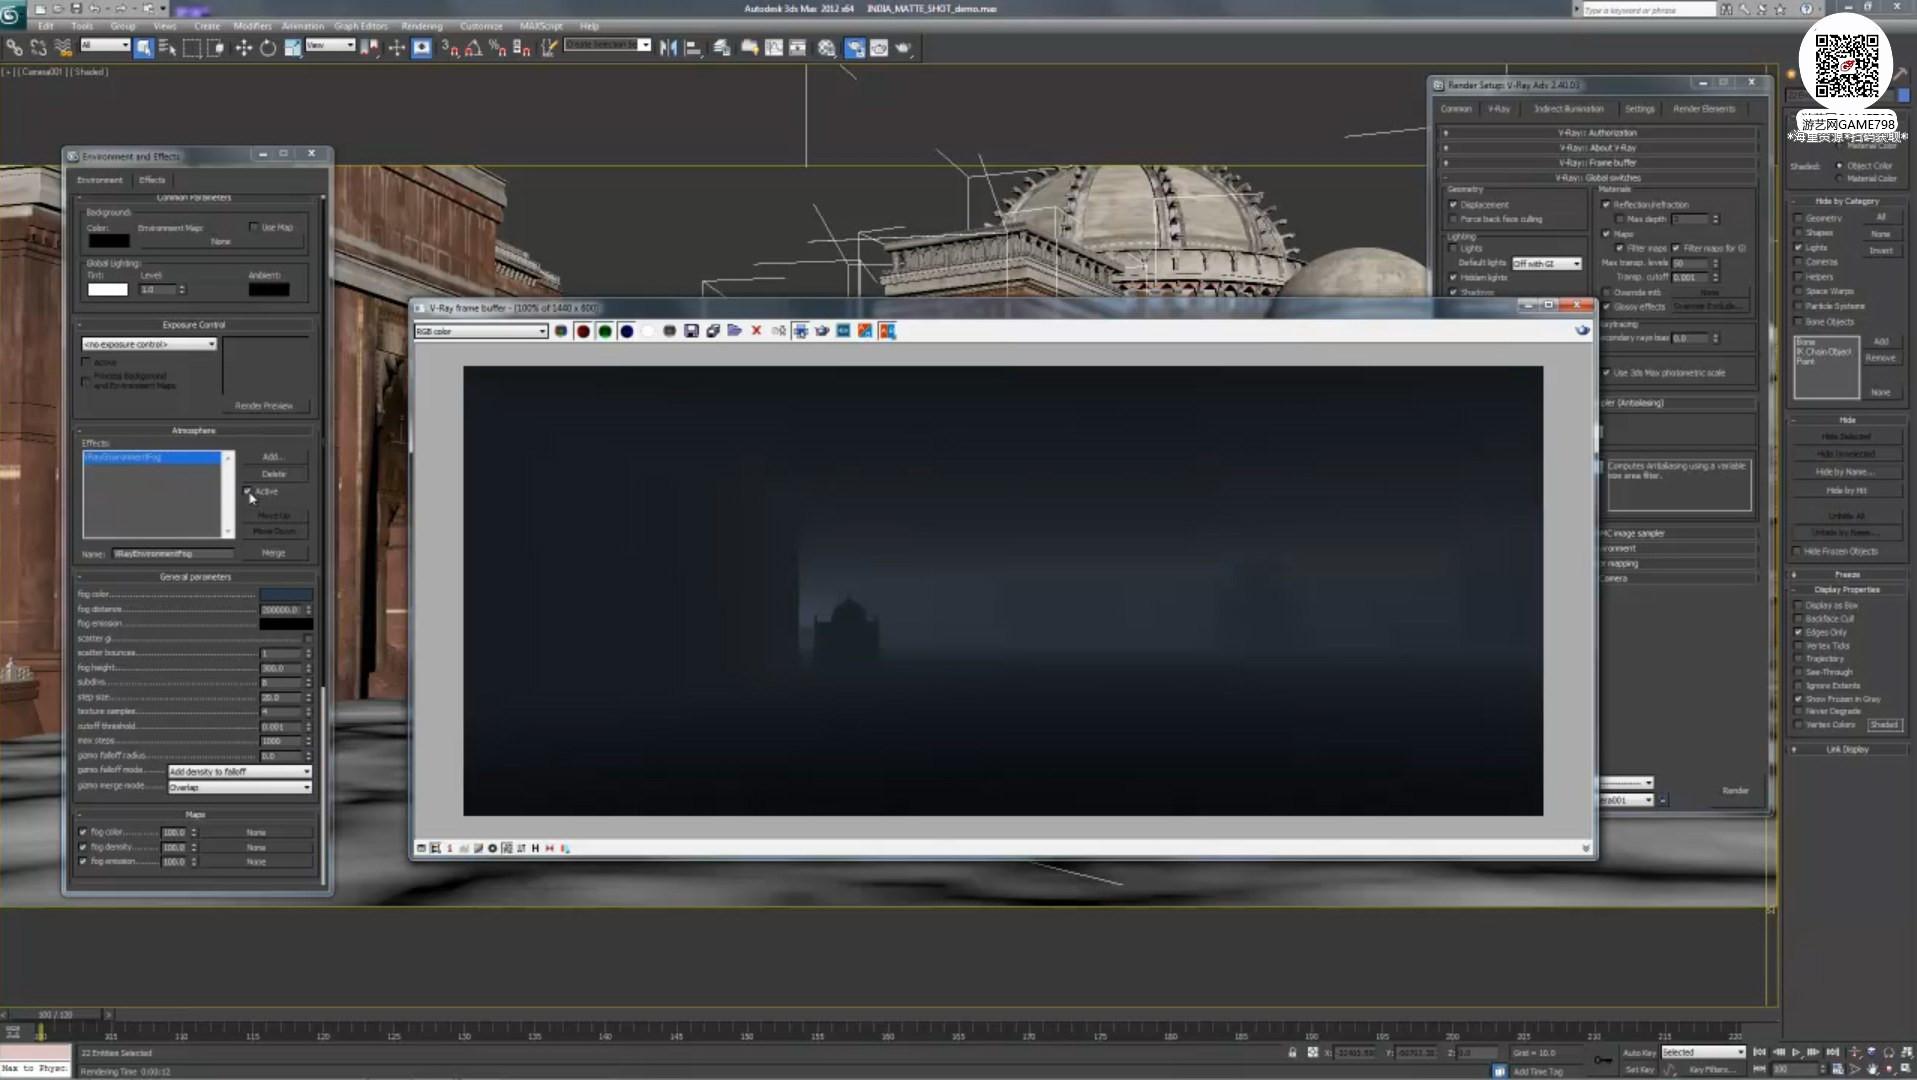 017_关注-游艺网GAME798海量资源下载【视频教程】超写实场景设定制作流程.jpg